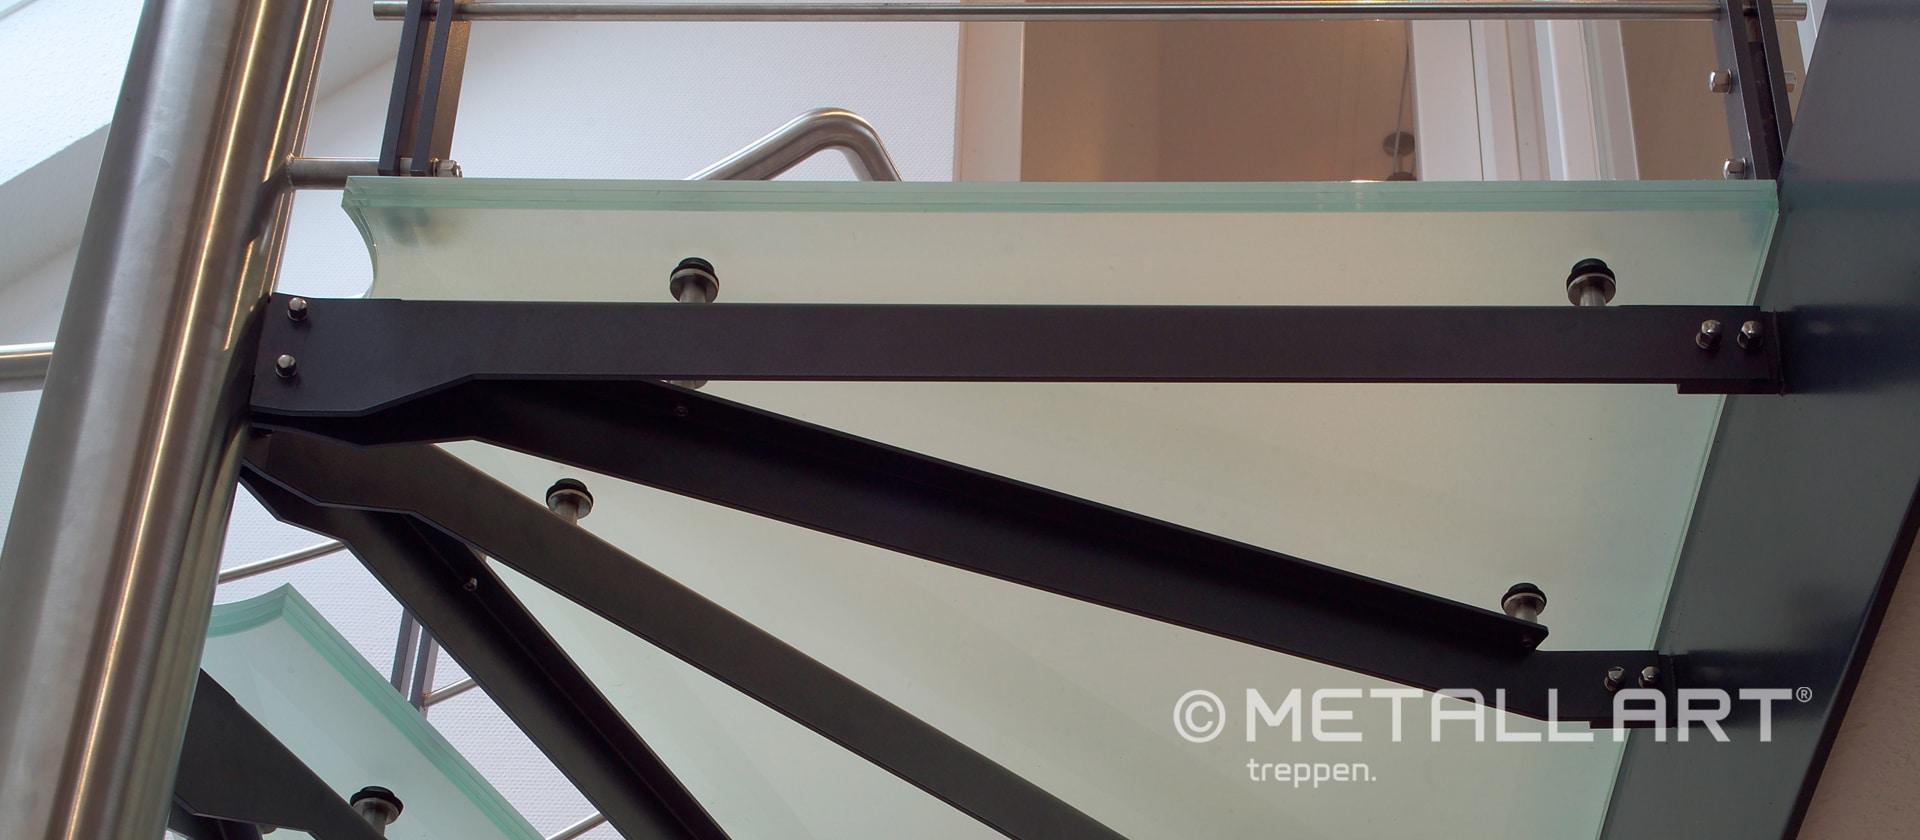 Moderne Spindeltreppe mit Glasstufen